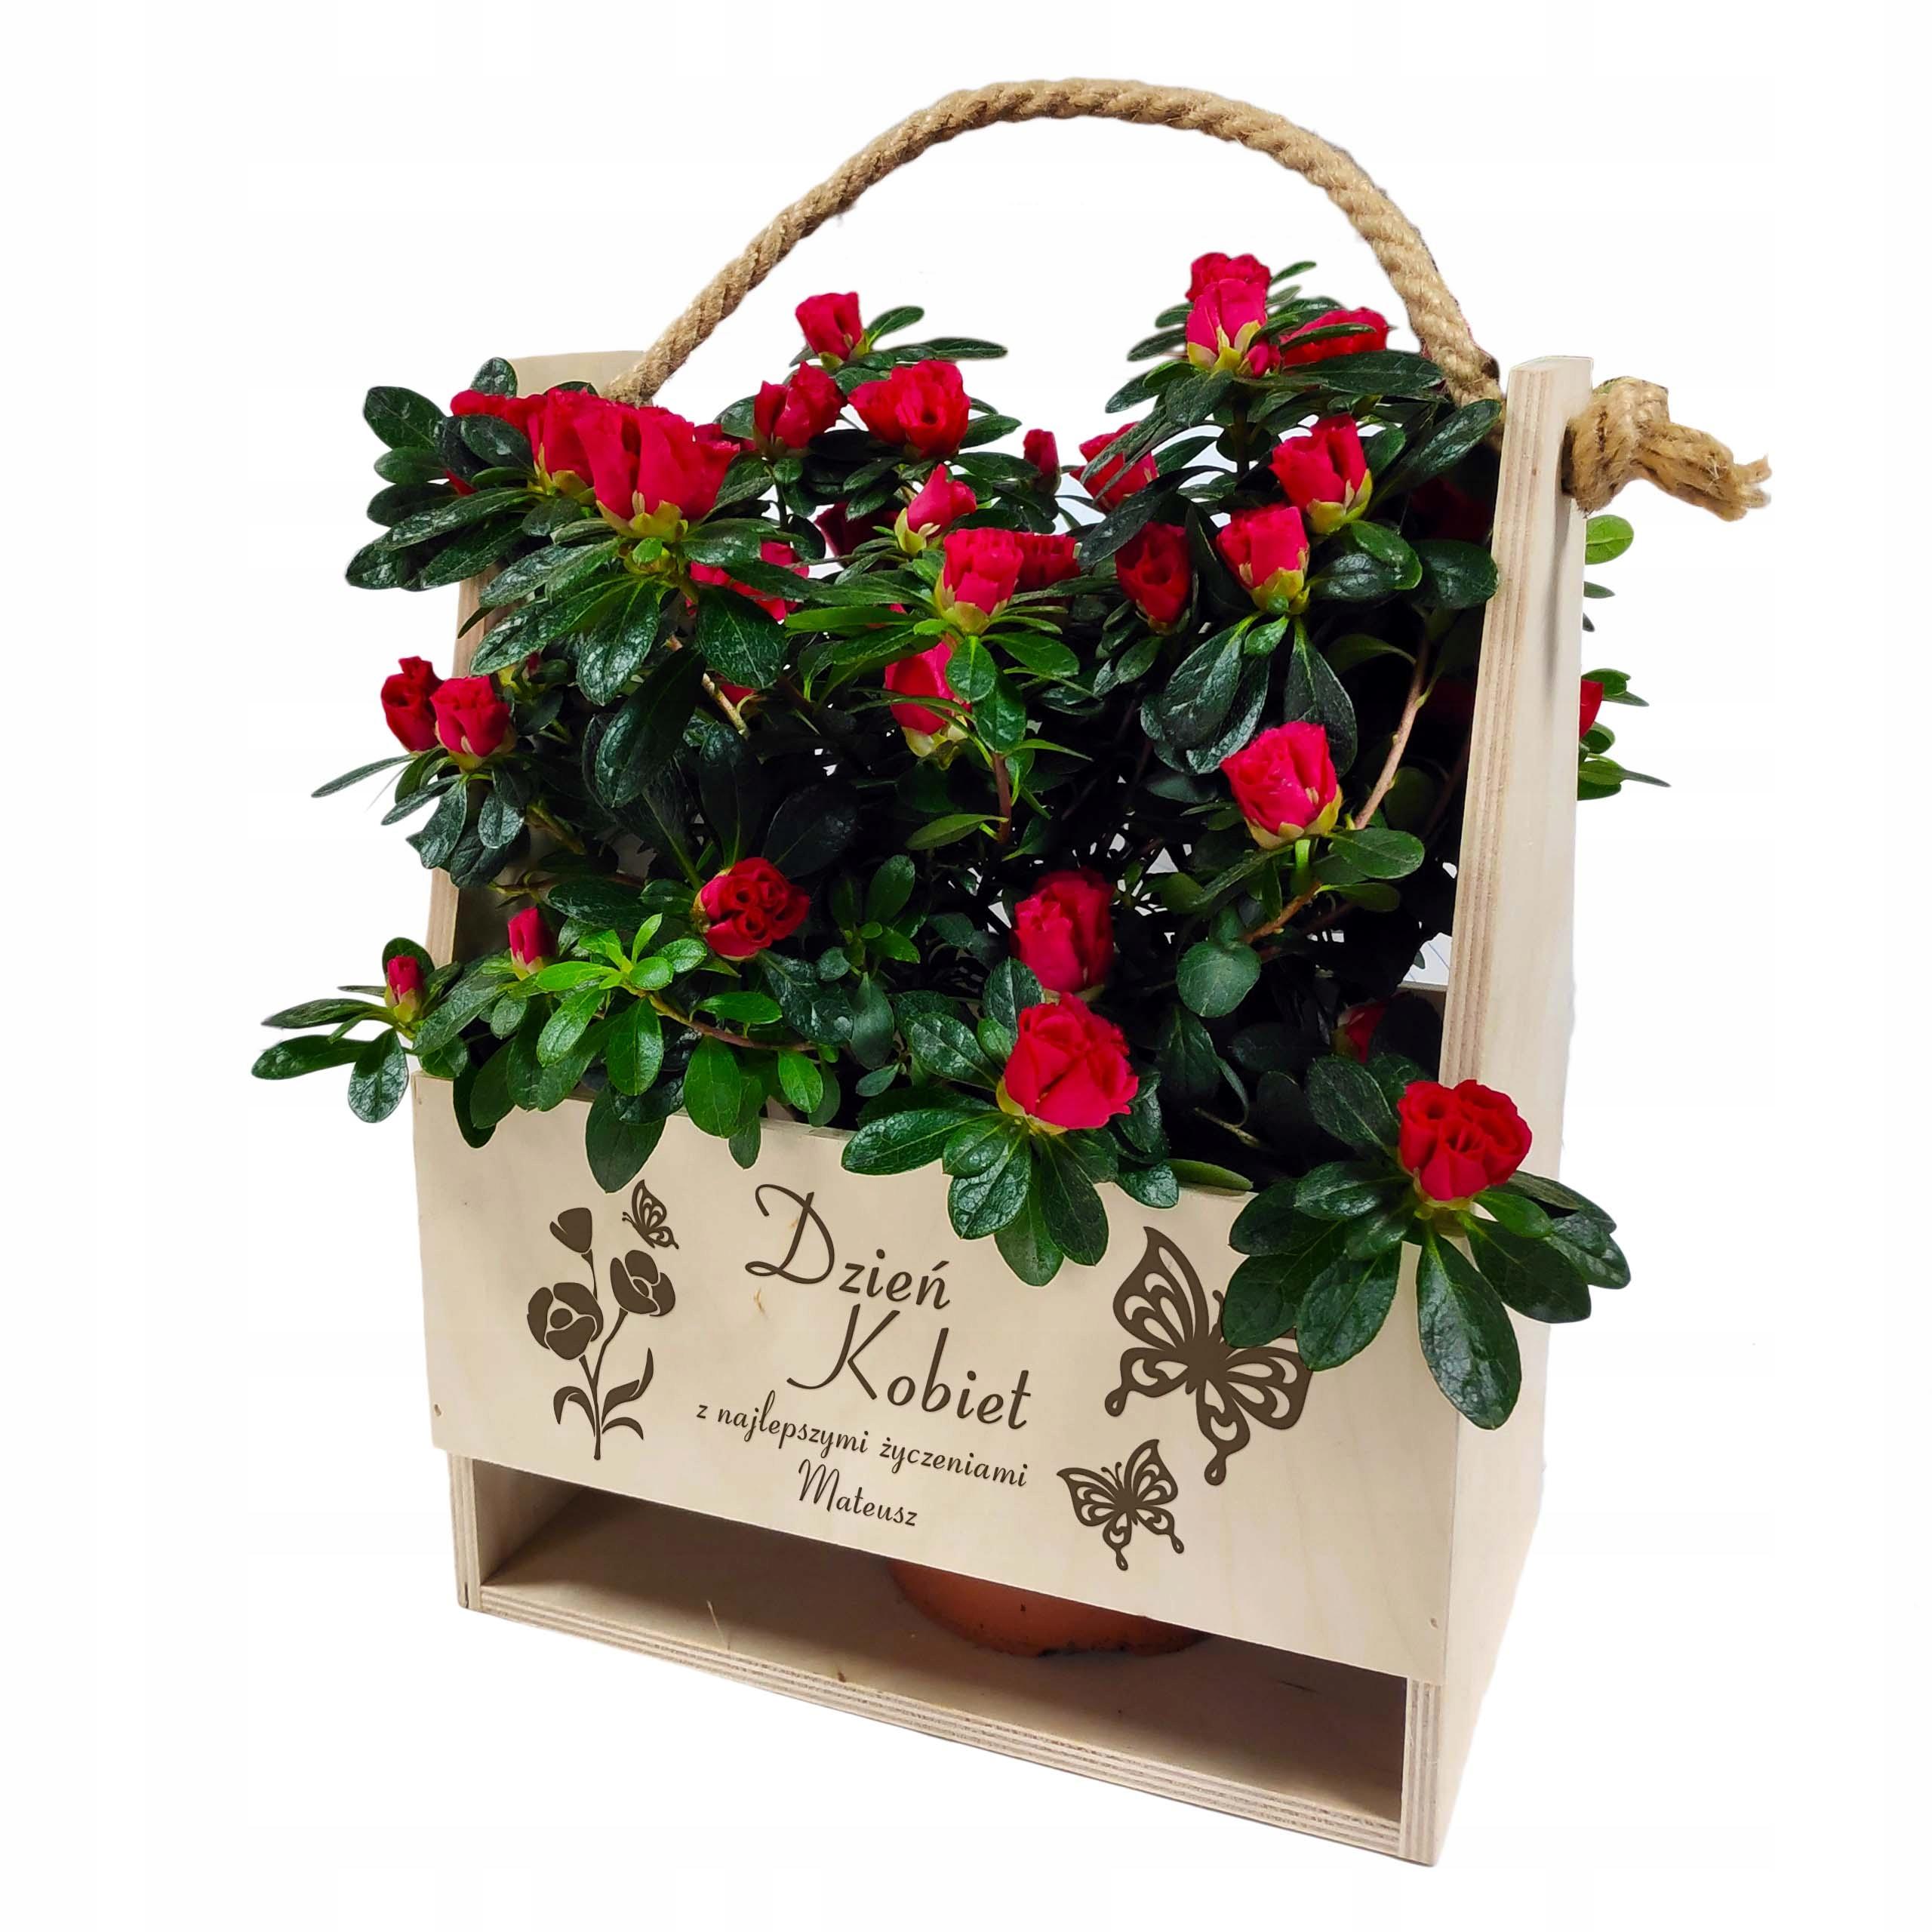 Skrzynka Nosidło na kwiaty prezent z grawerem